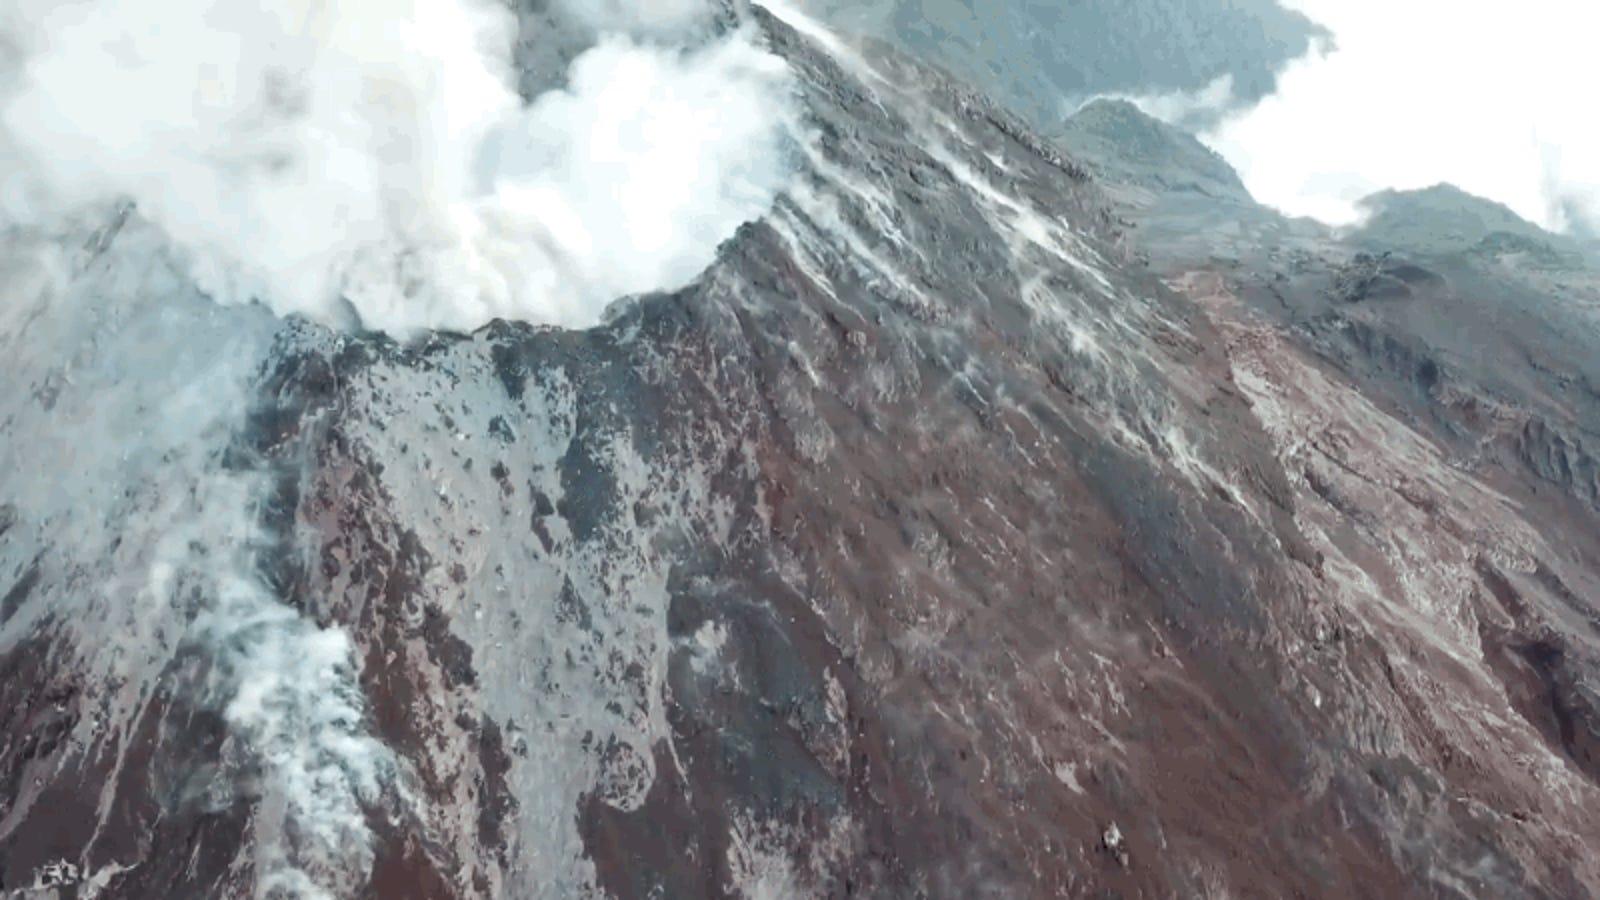 La salvaje erupción del volcán de Fuego en Guatemala, vista desde la perspectiva de un dron